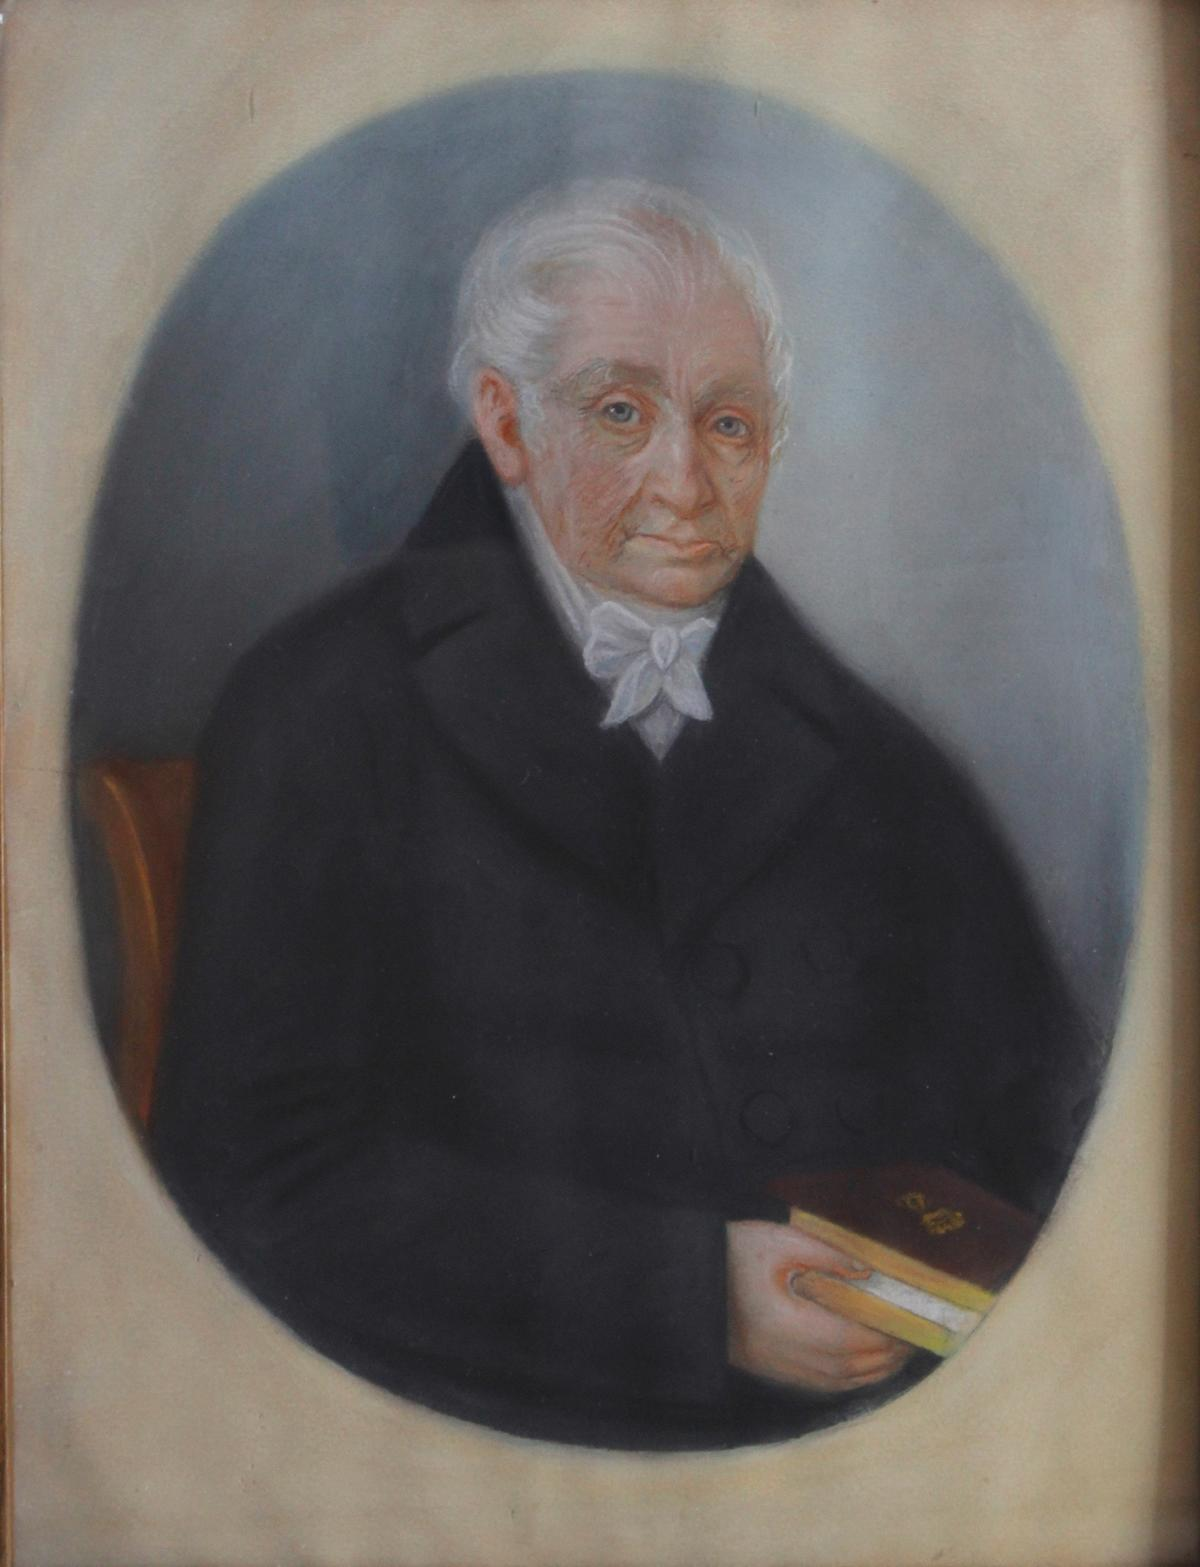 Porträt des 19. Jahrhunderts, Anonymer Maler-2